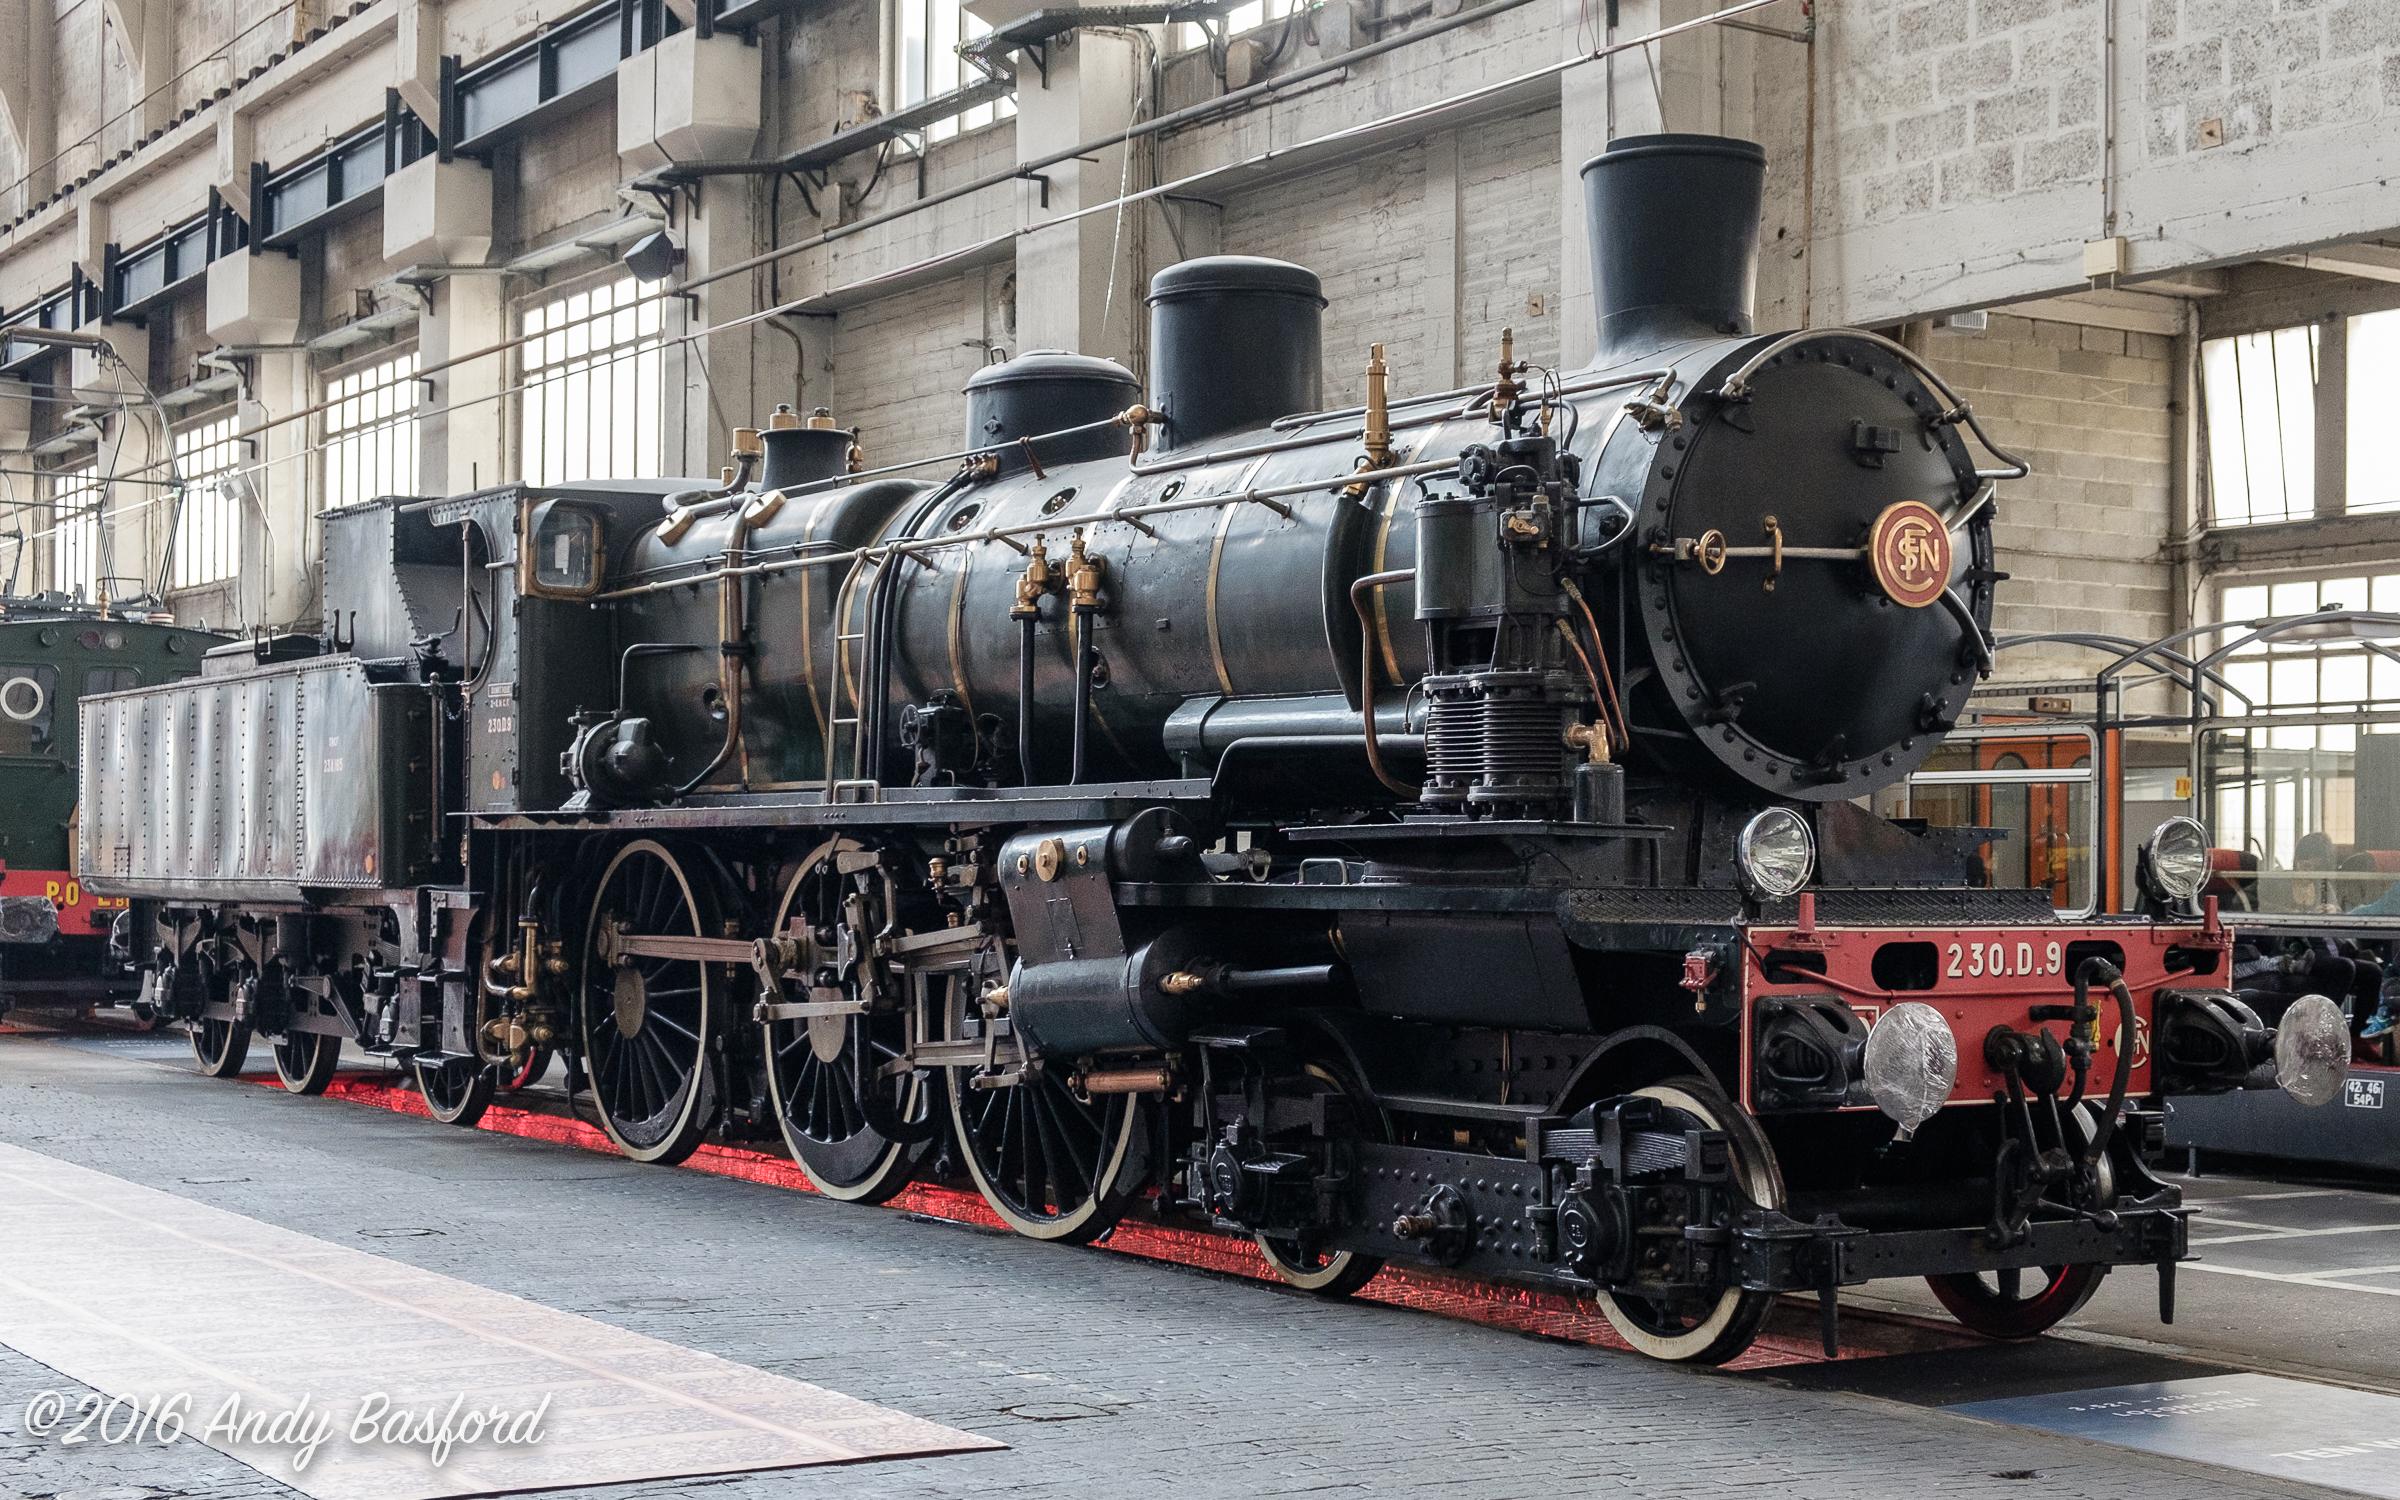 SNCF 230.D.9 (CF du Nord 230 3.521)-20160618